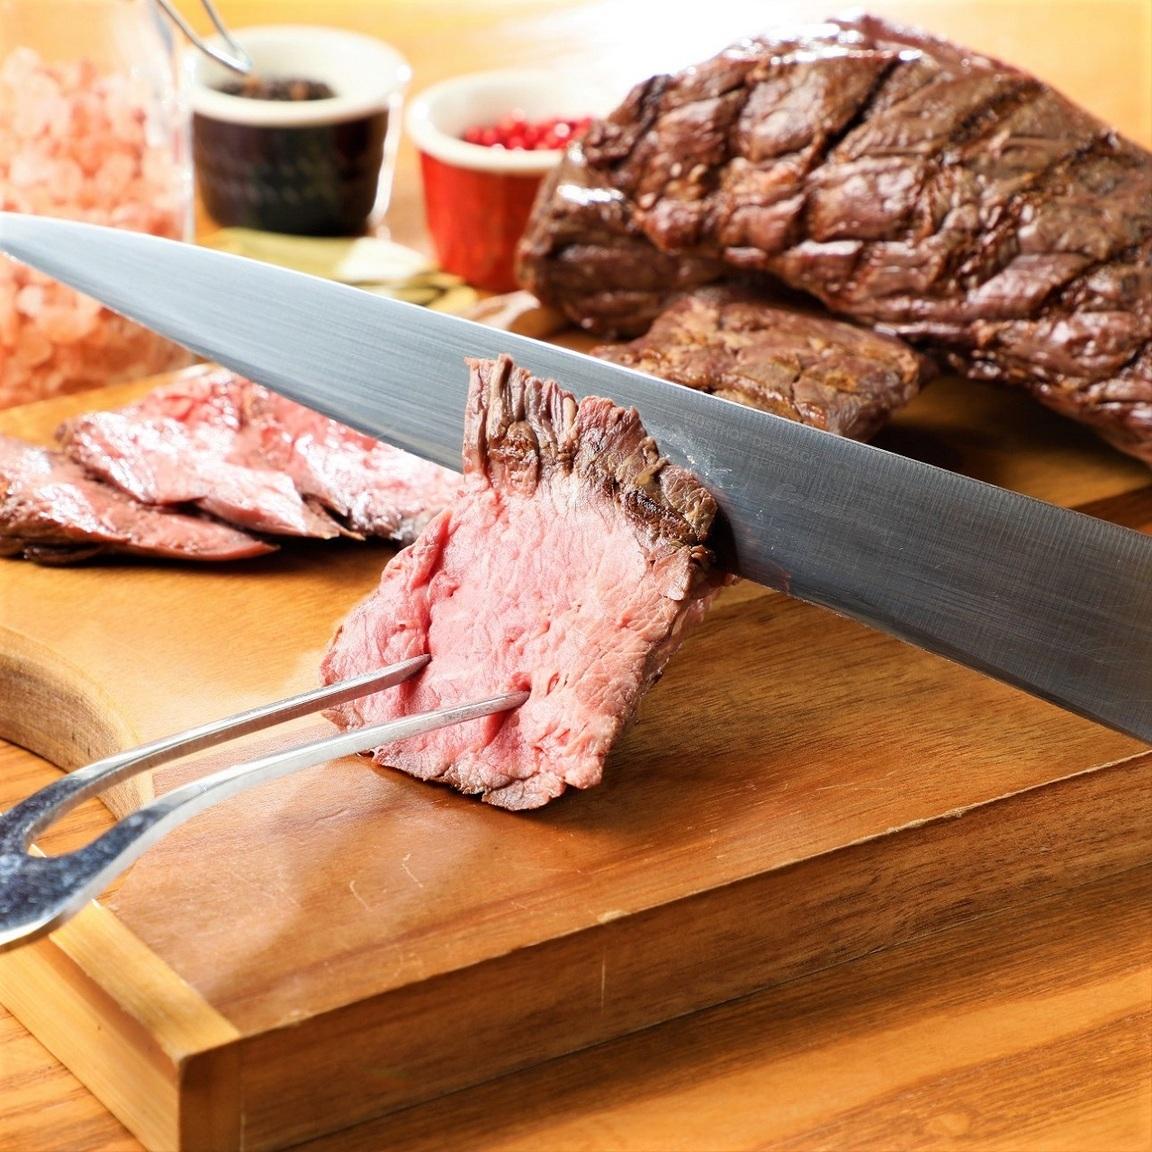 A5ランク黒毛和牛他、牛肉を使った豊富な肉料理